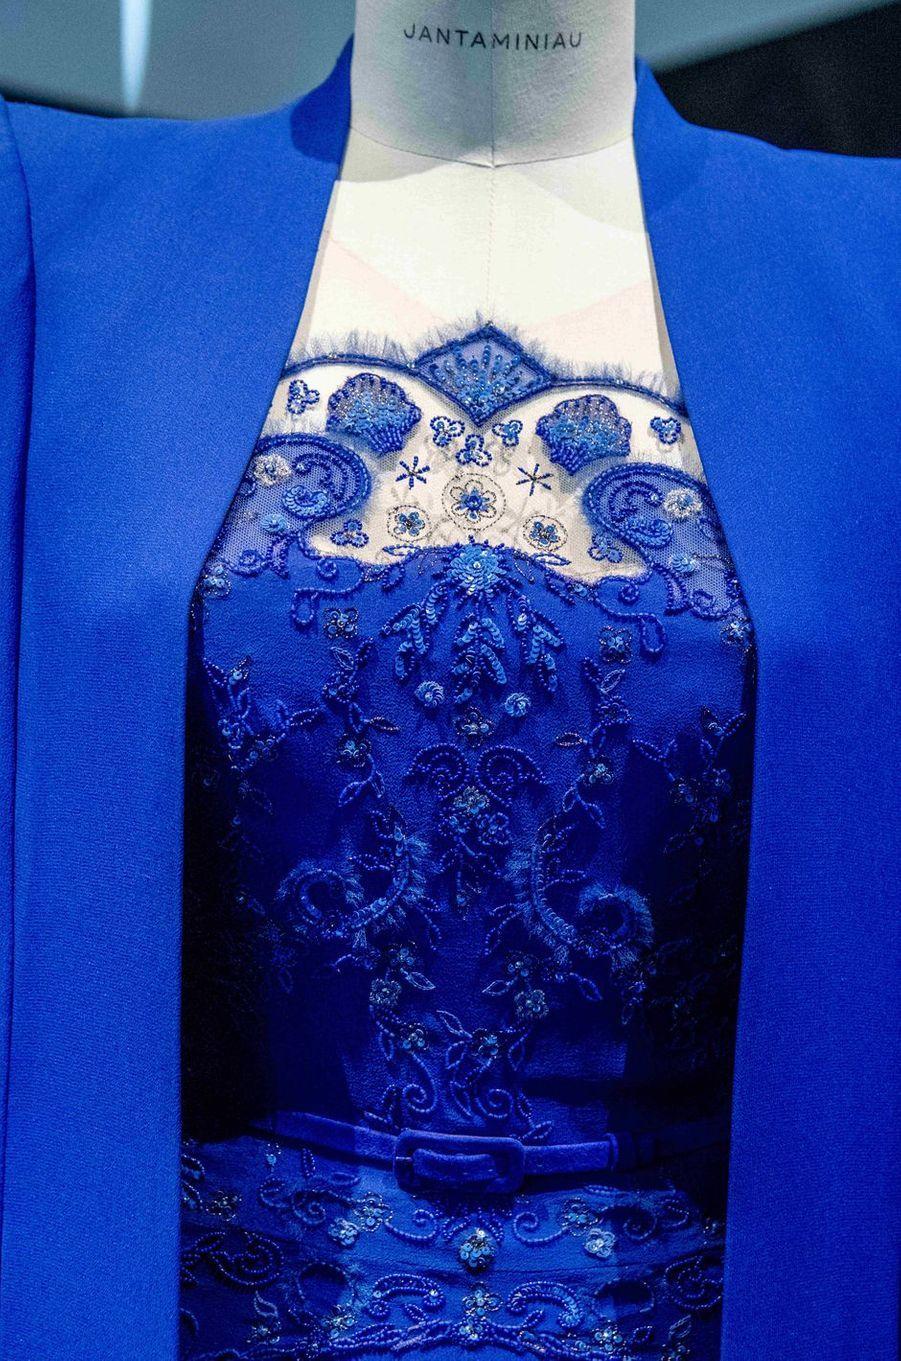 Détail de la robe de la reine Maxima des Pays-Bas pour l'intronisation du roi Willem-Alexander. Exposition Jan Taminiau au Centraal Museum à Utrecht, le 25 avril 2018